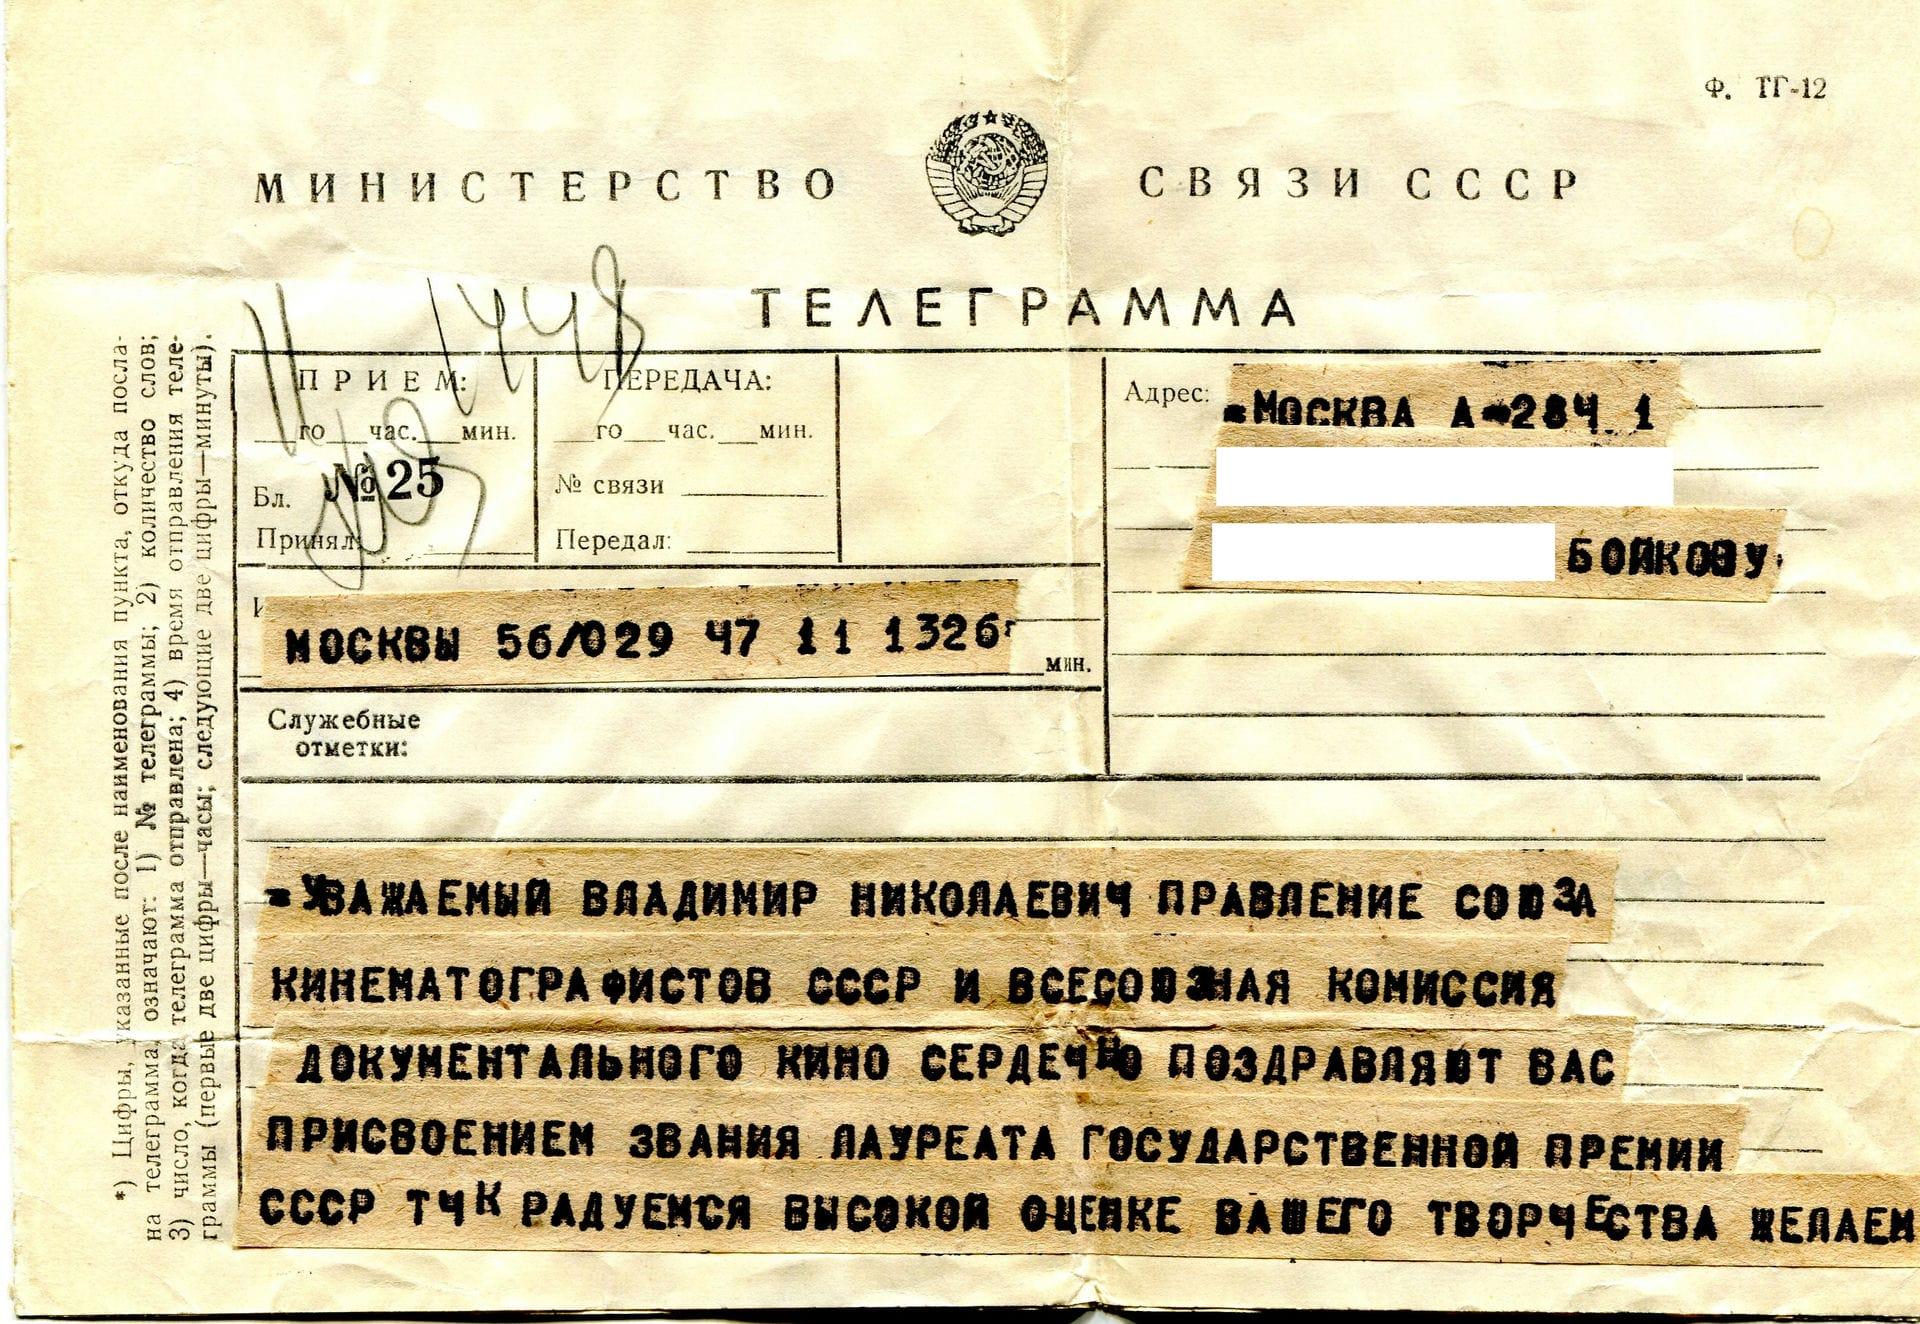 Экспонат #80. Поздравительная телеграмма СК СССР от 11 ноября 1969 года